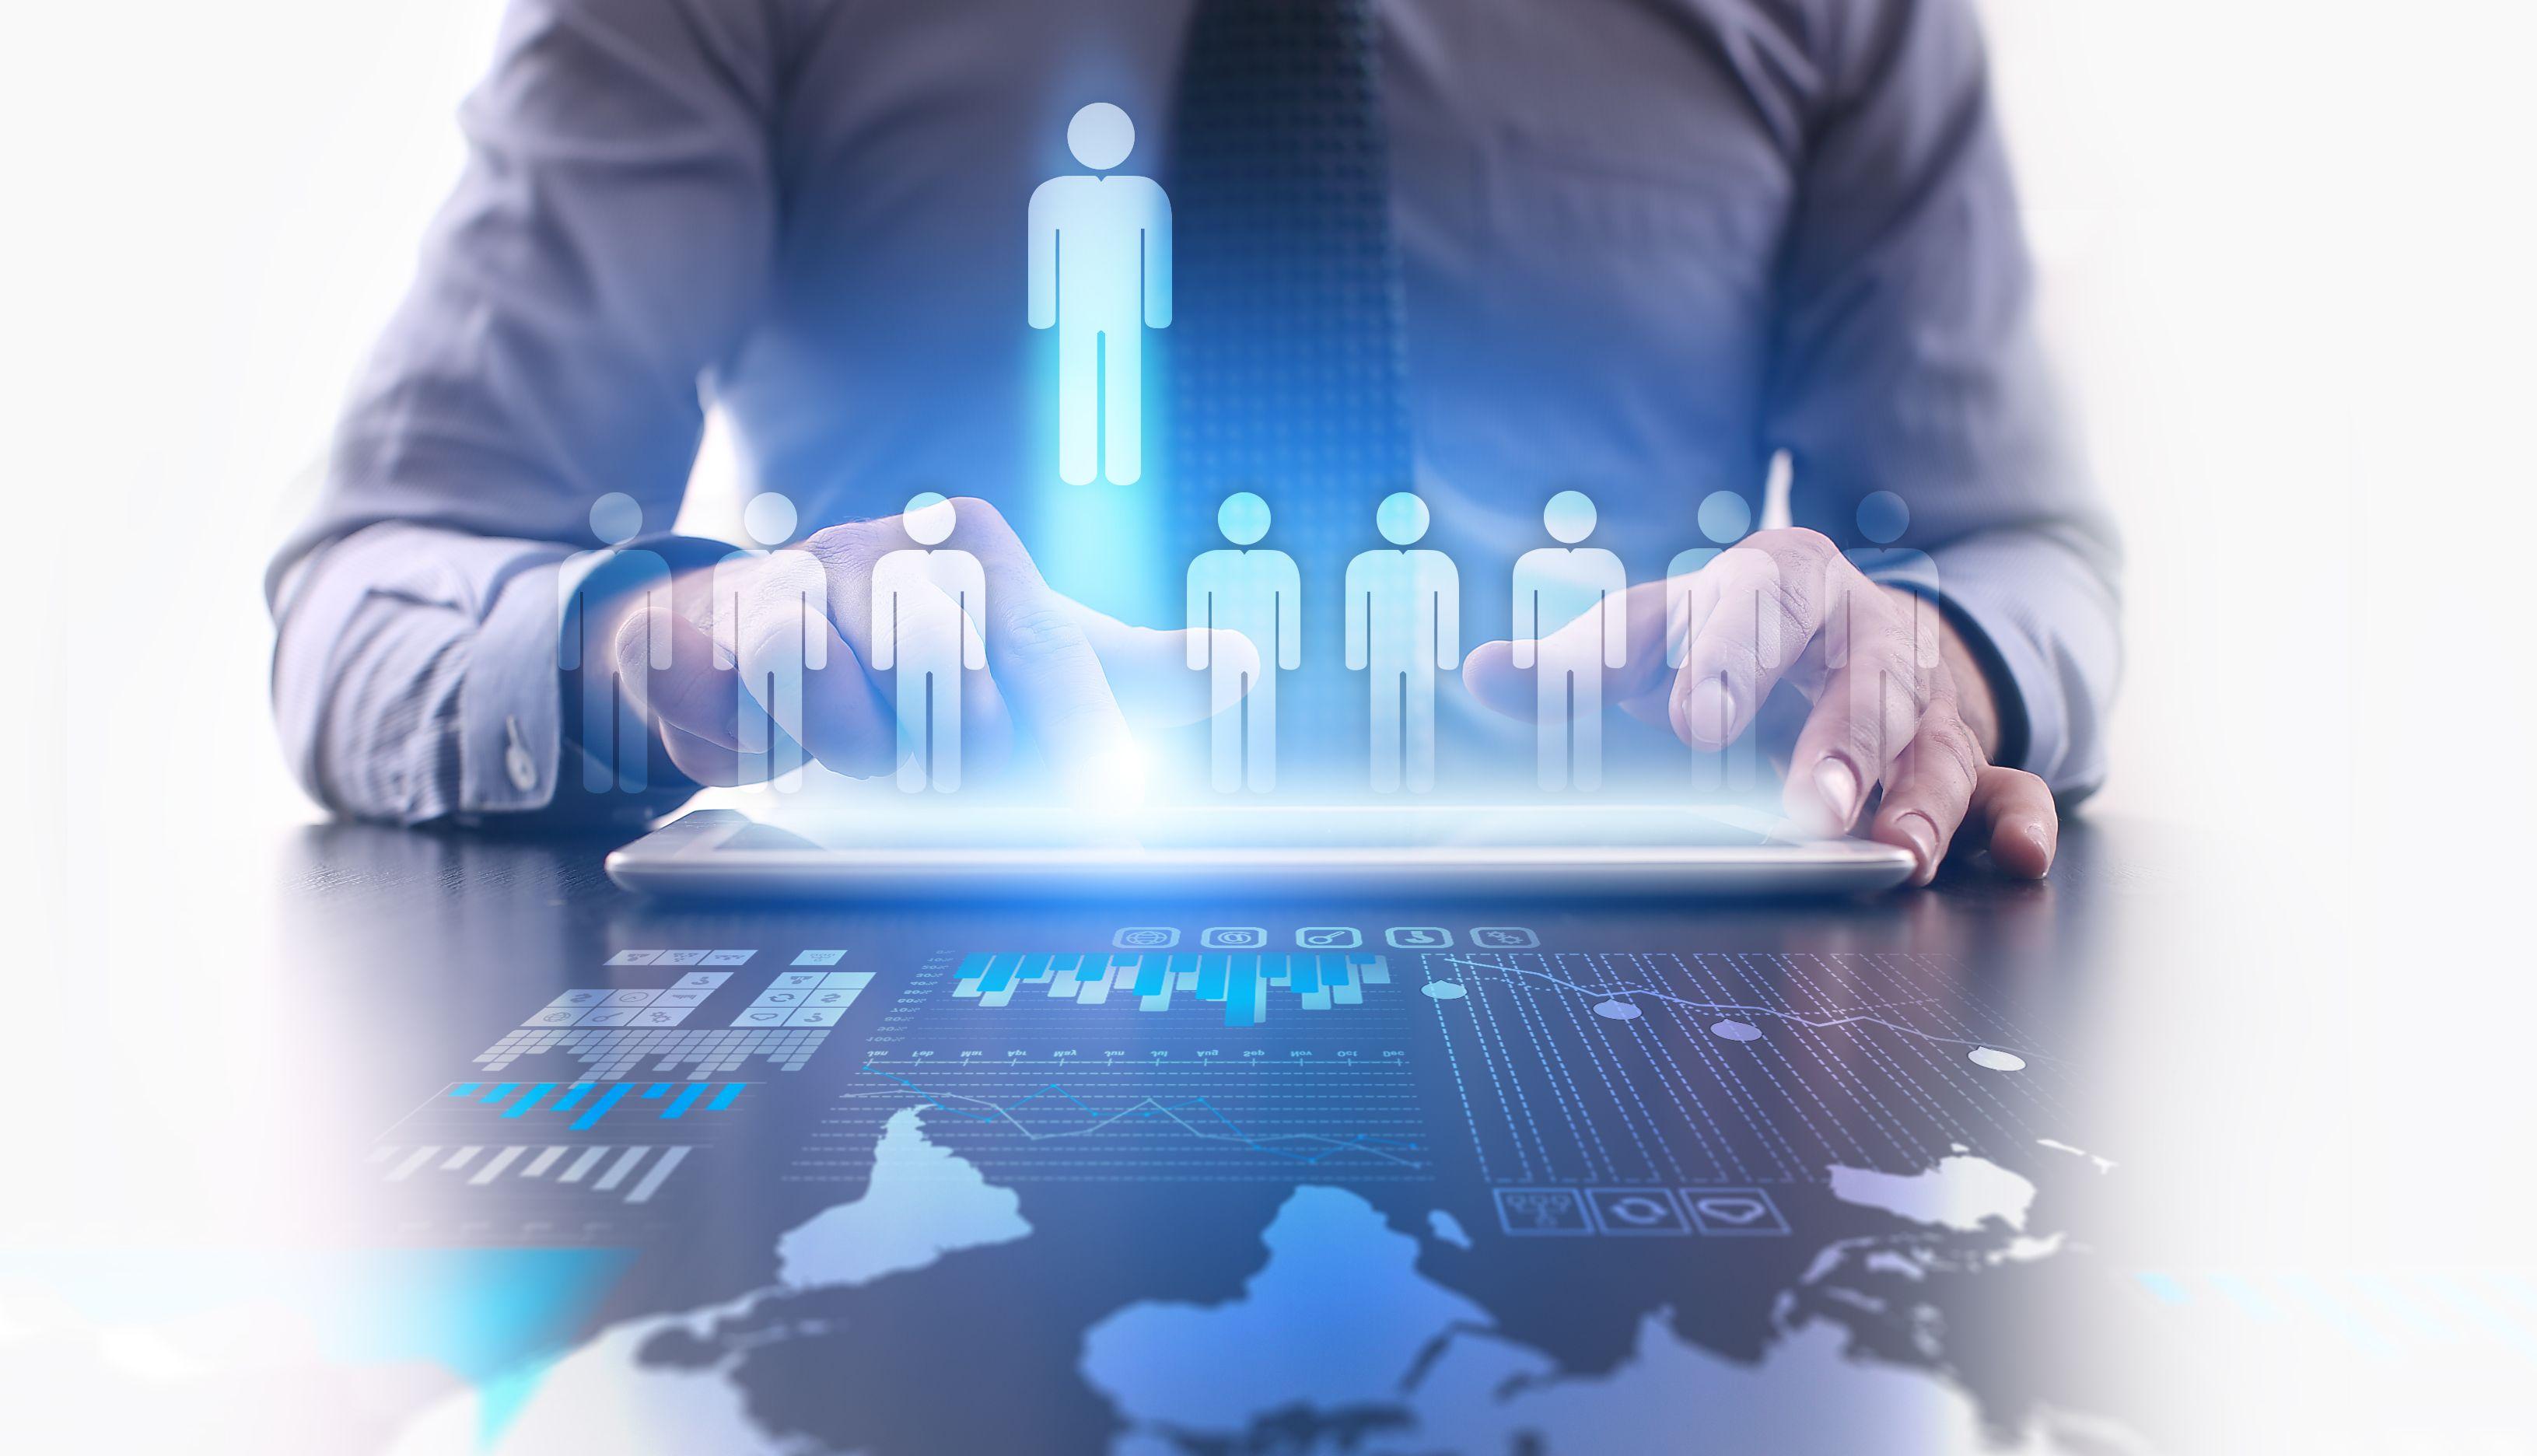 Rekruterzy poruszają się w naturalnym środowisku kandydatów – na forach internetowych, w grupach tworzonych w social mediach, na wydarzeniach specjalnych. (Fot. Shutterstock)